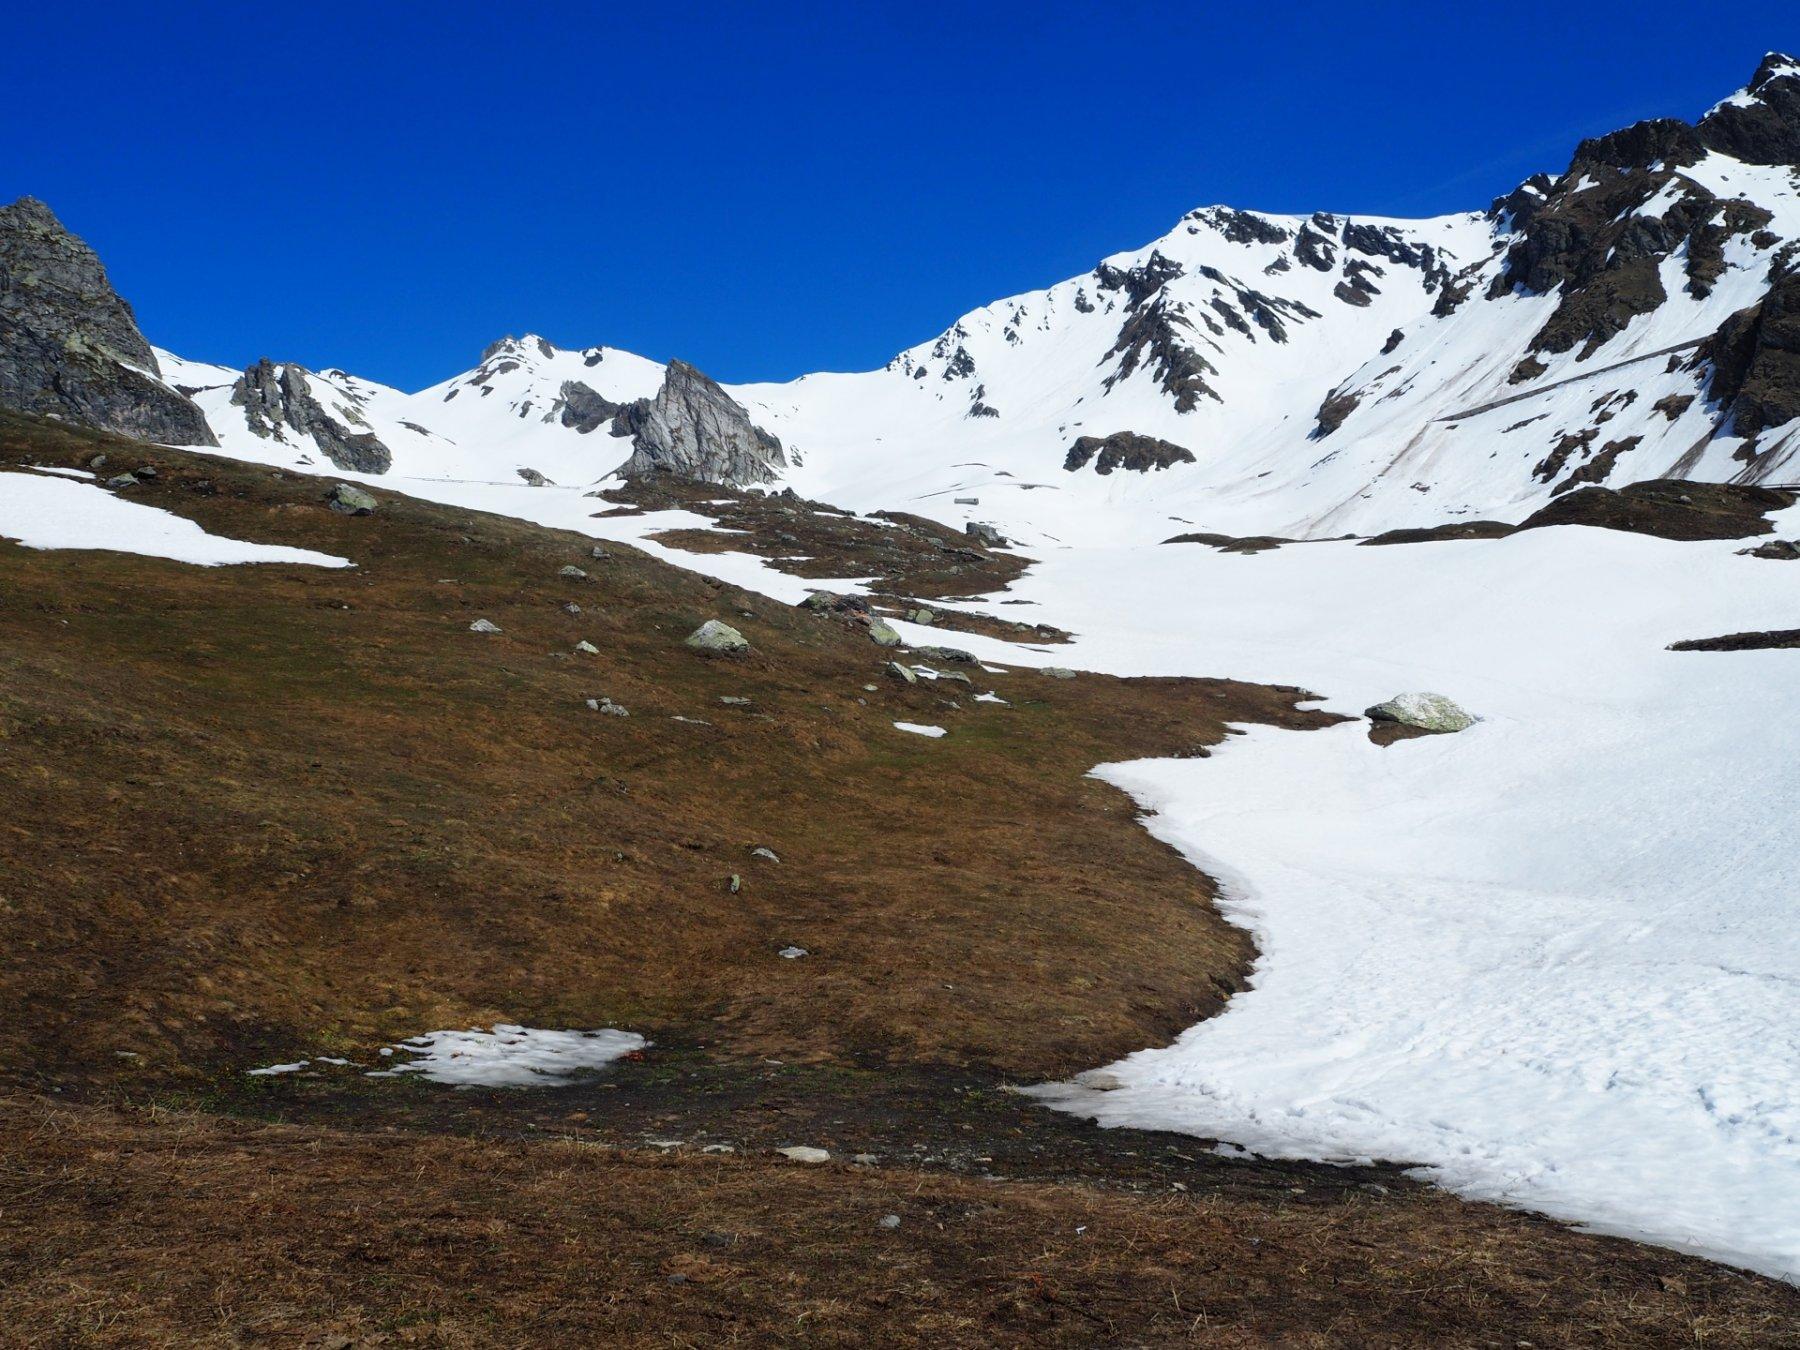 Gli sci si calzano a 2200m circa